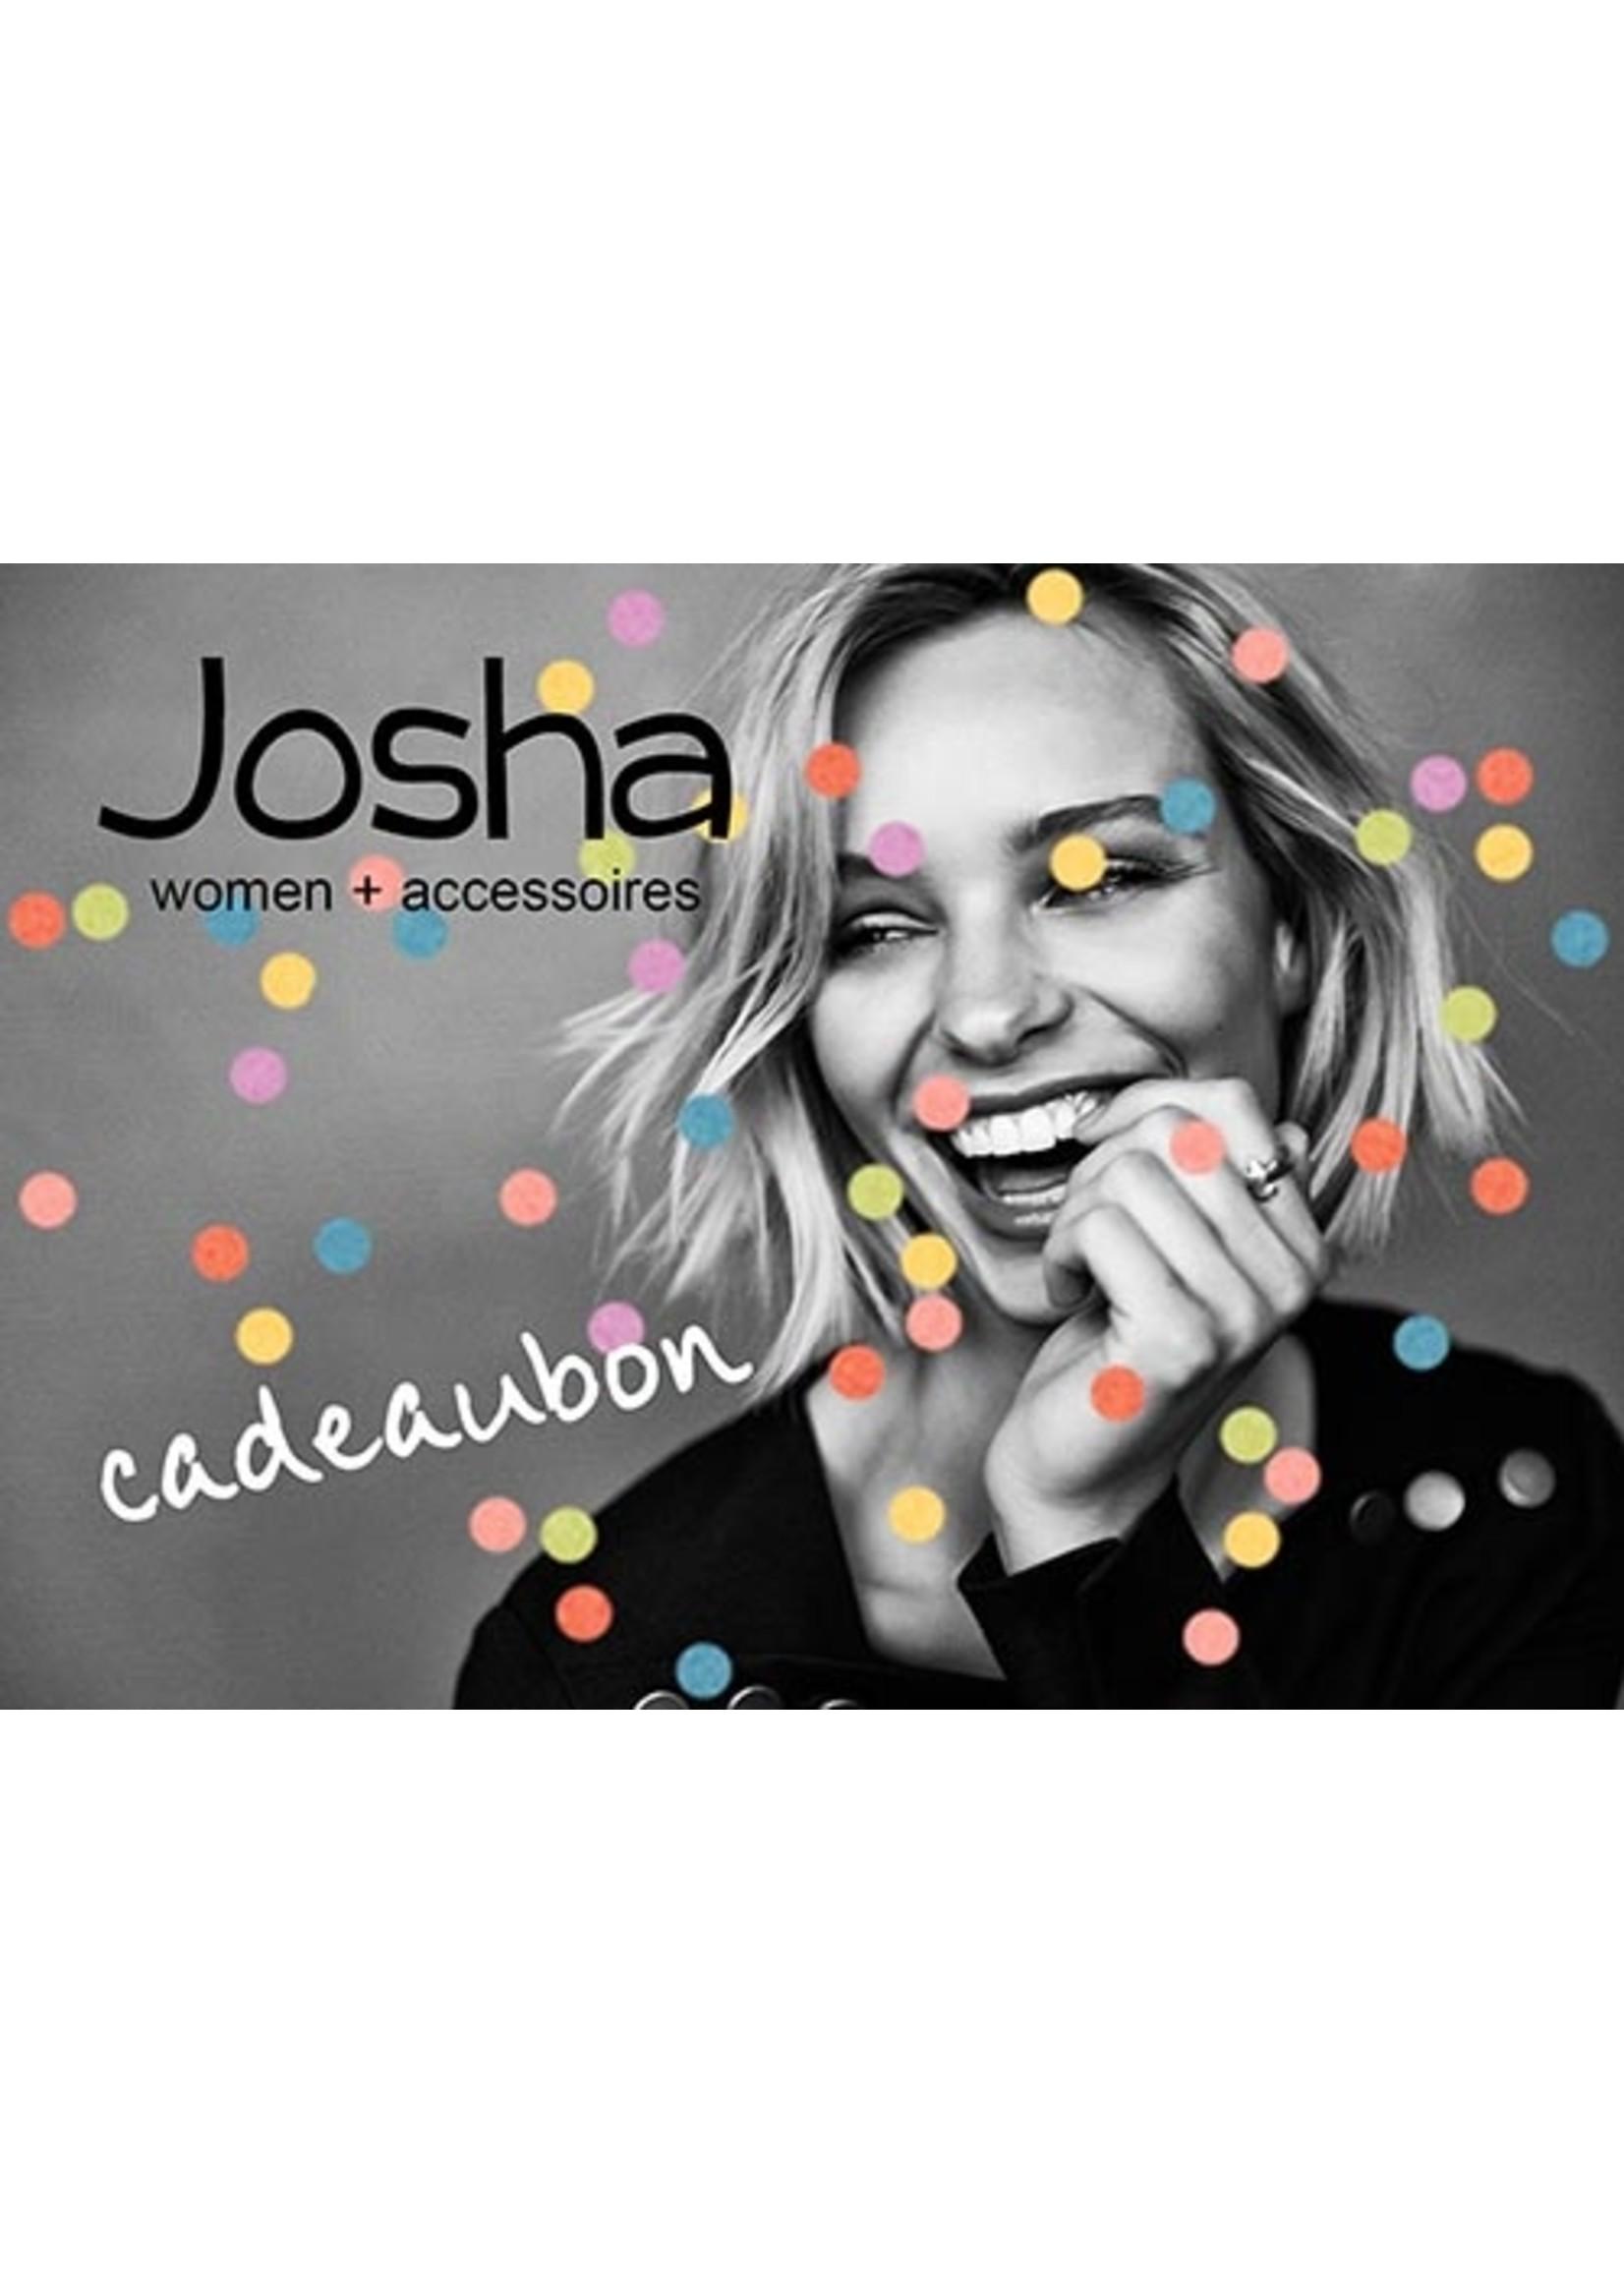 Cadeaubon Josha € 50,00